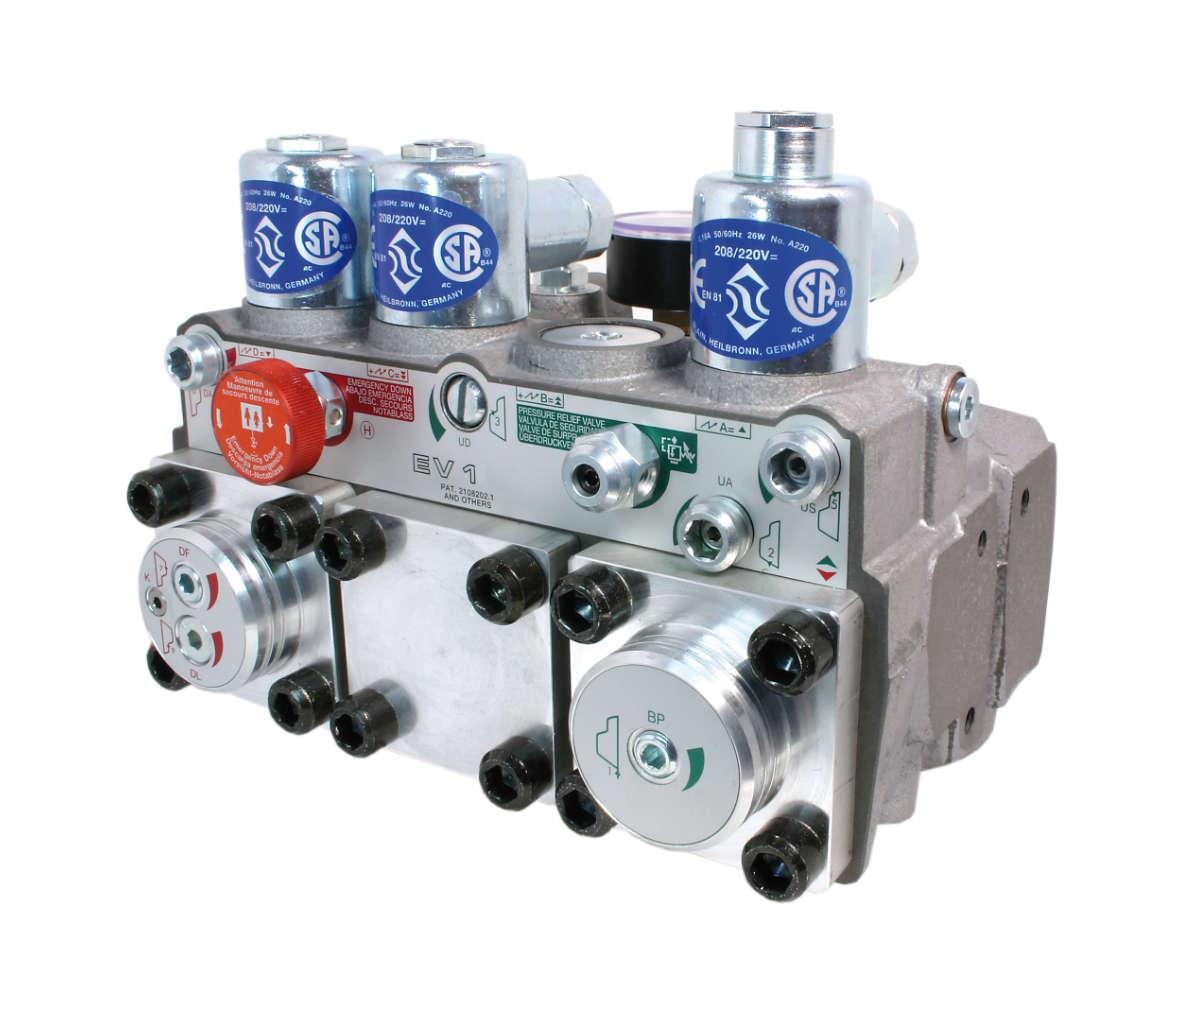 EV 1 Hydraulik Ventil